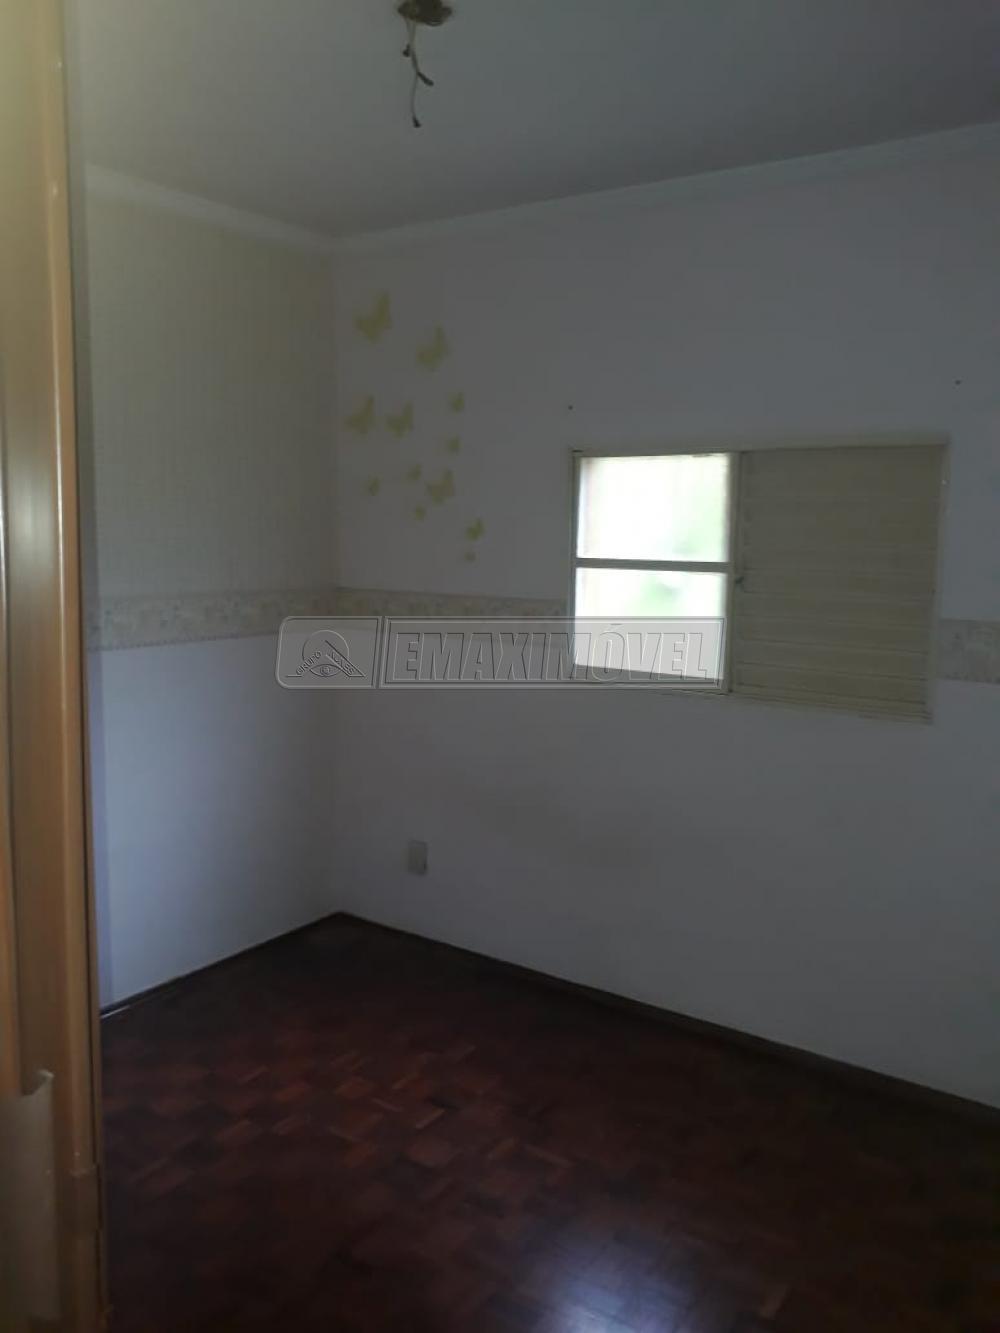 Comprar Apartamentos / Apto Padrão em Sorocaba apenas R$ 155.000,00 - Foto 7